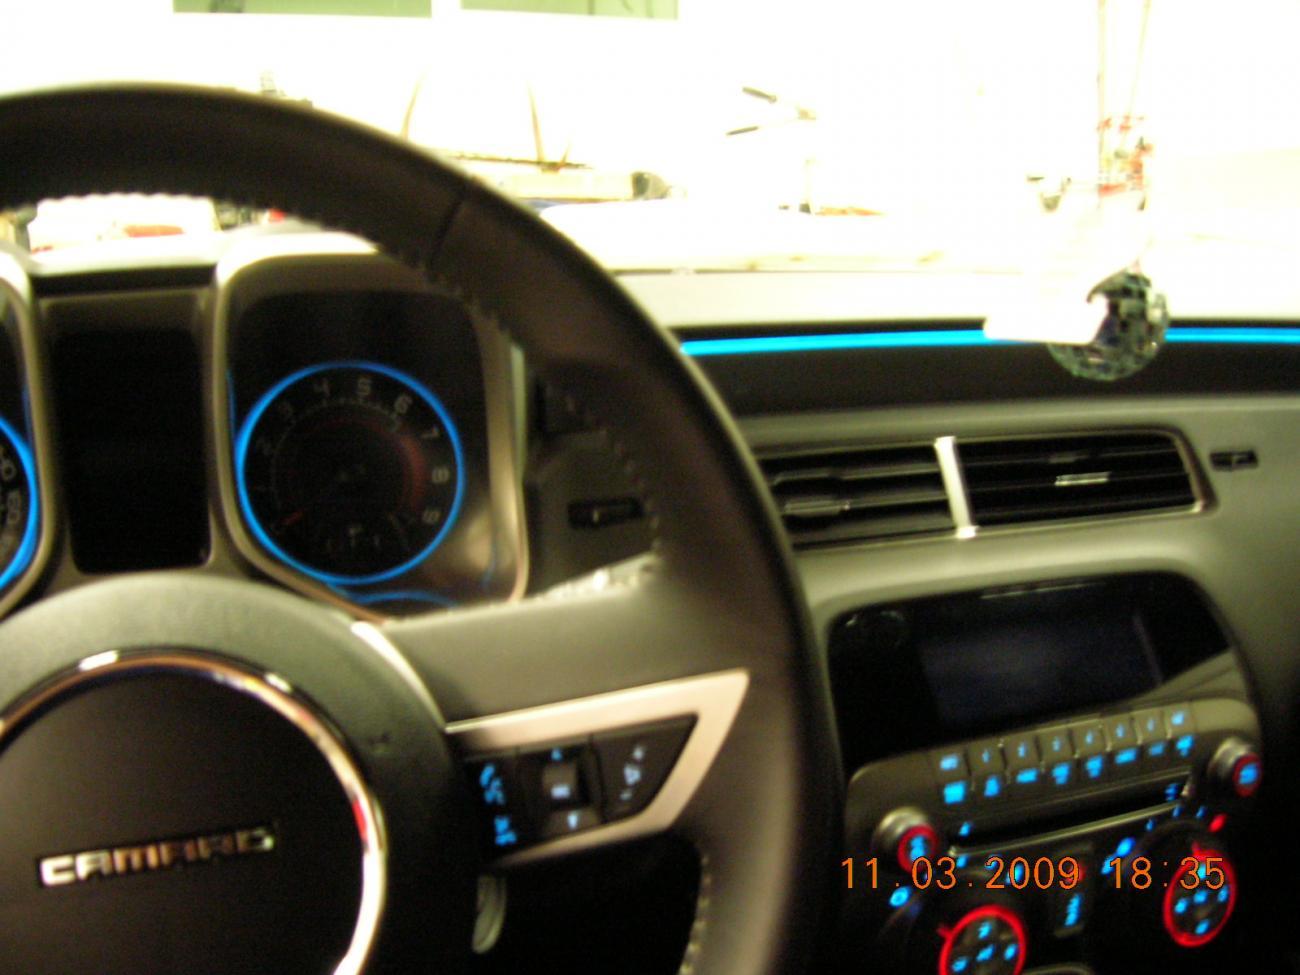 diy hud install on 2010 camaro autos post diy hud install on 2010 camaro autos post